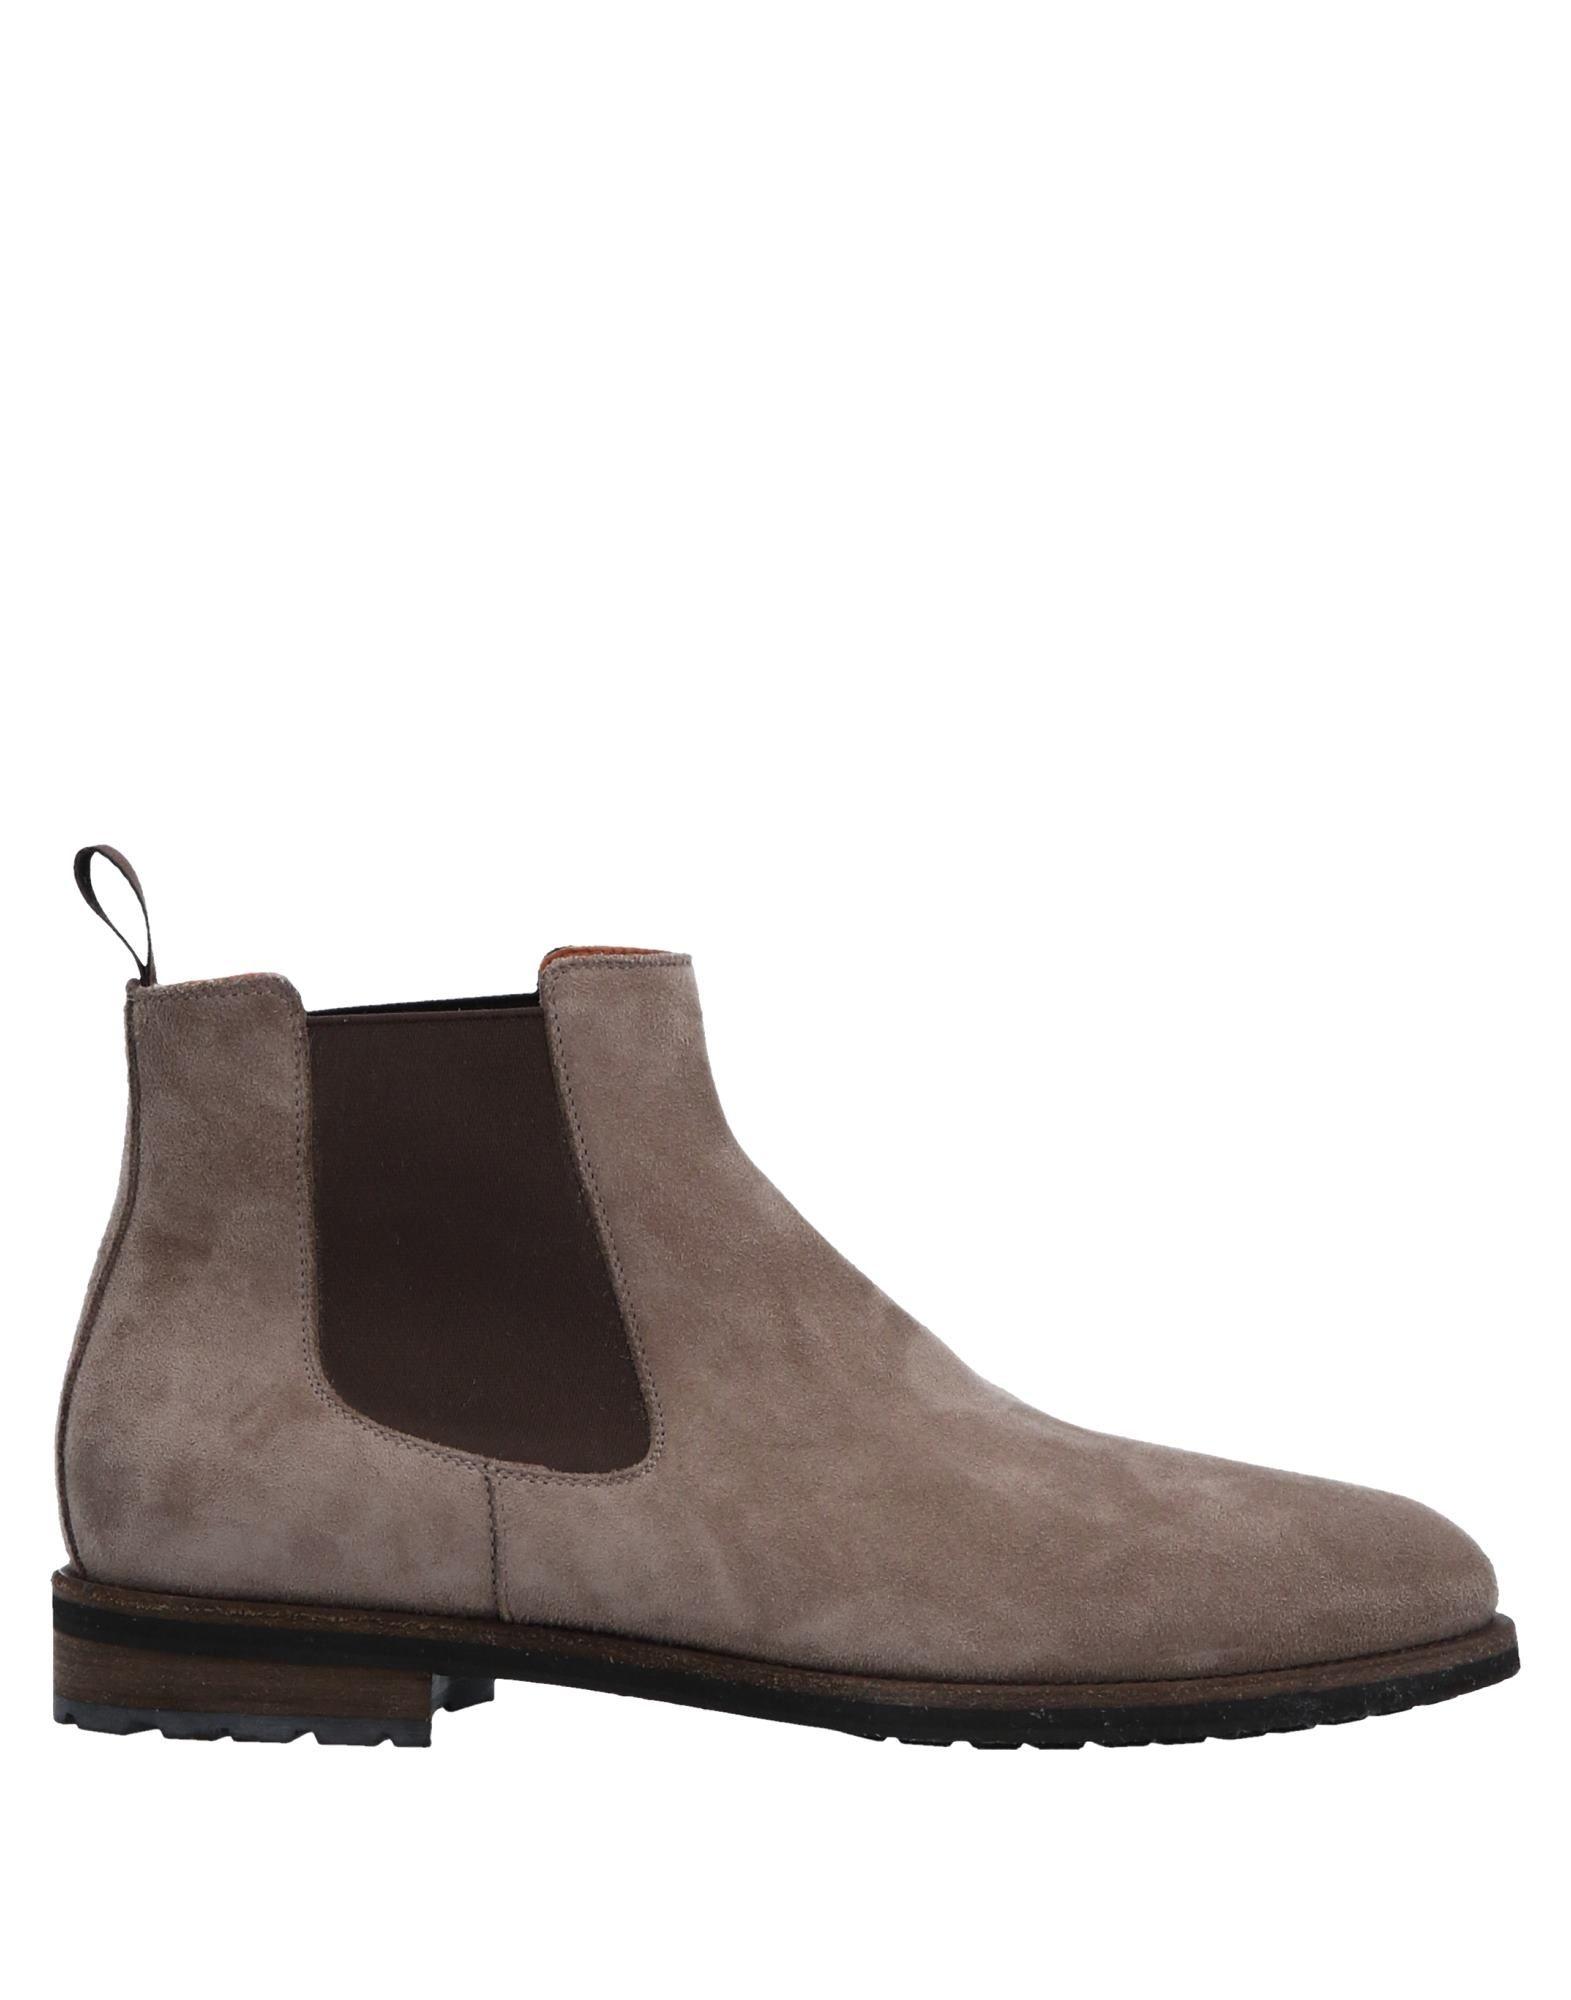 Santoni Stiefelette Herren  11540037BD Gute Qualität beliebte Schuhe